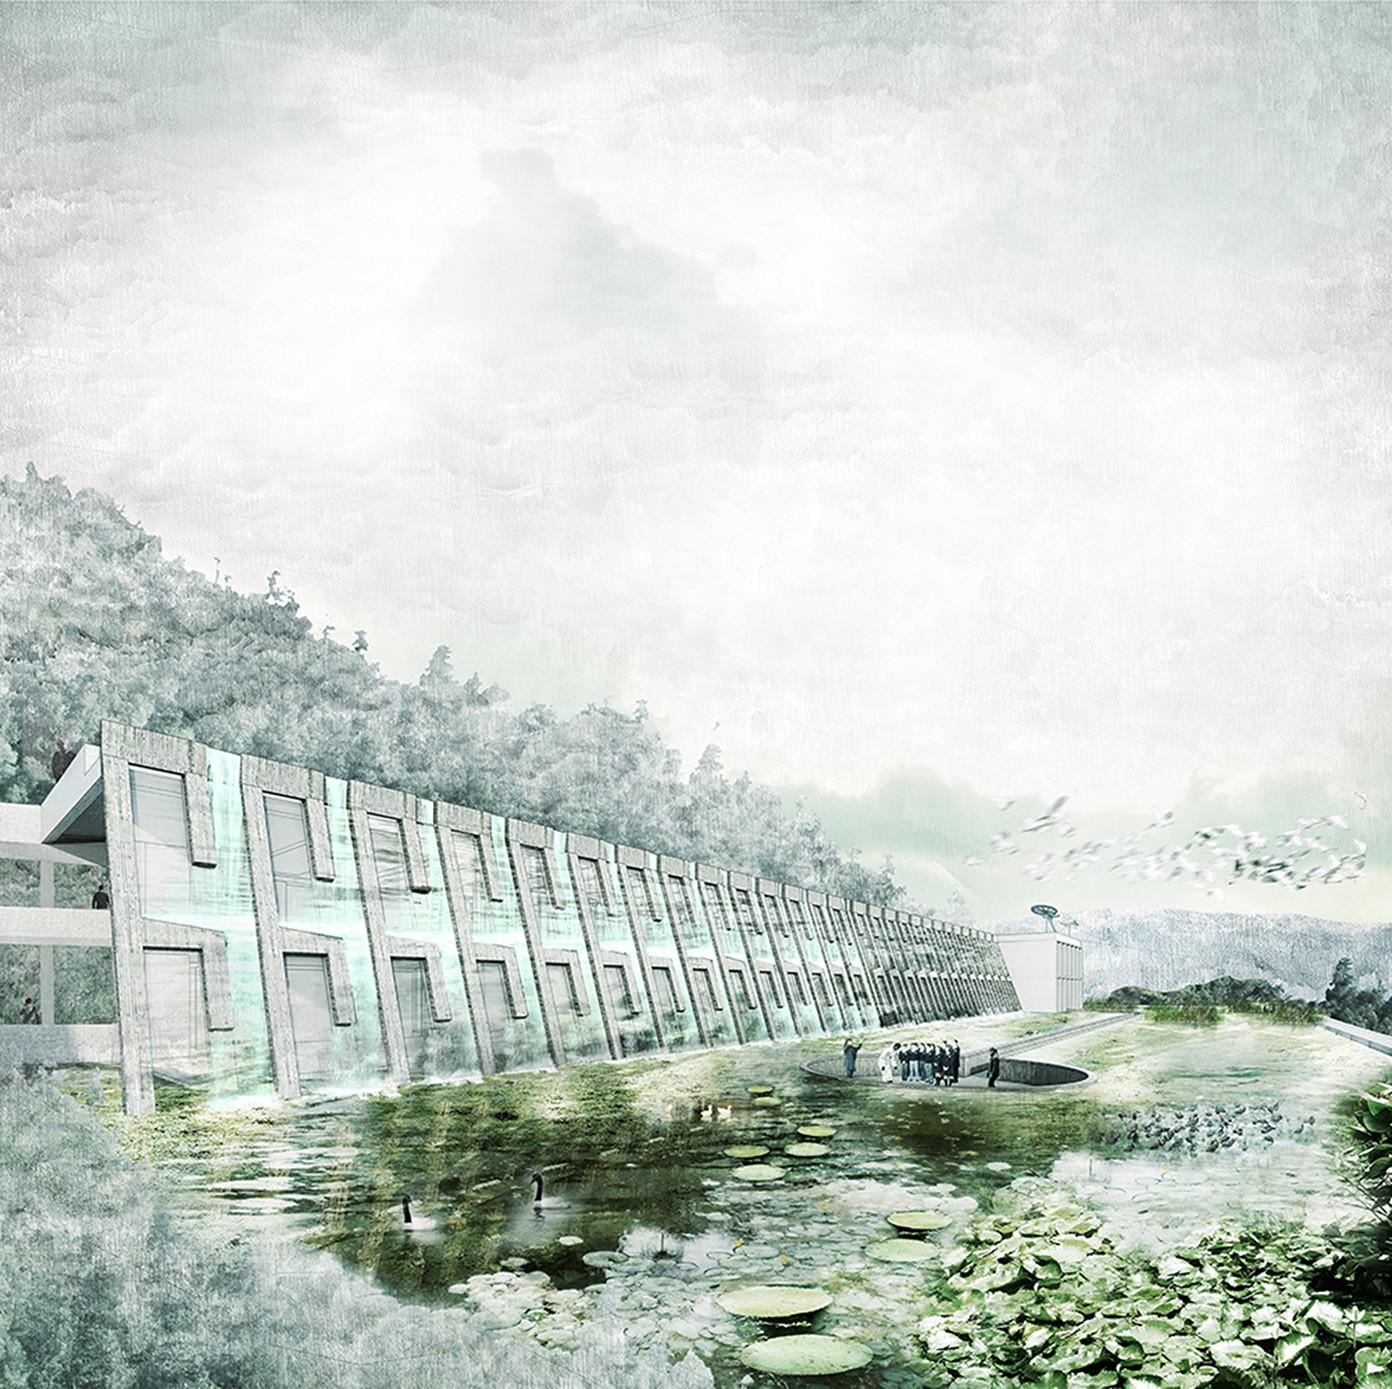 Chile: proponen humedal artificial en plan maestro del Zoológico Nacional de Santiago, Cortesia de Jessica Ponce